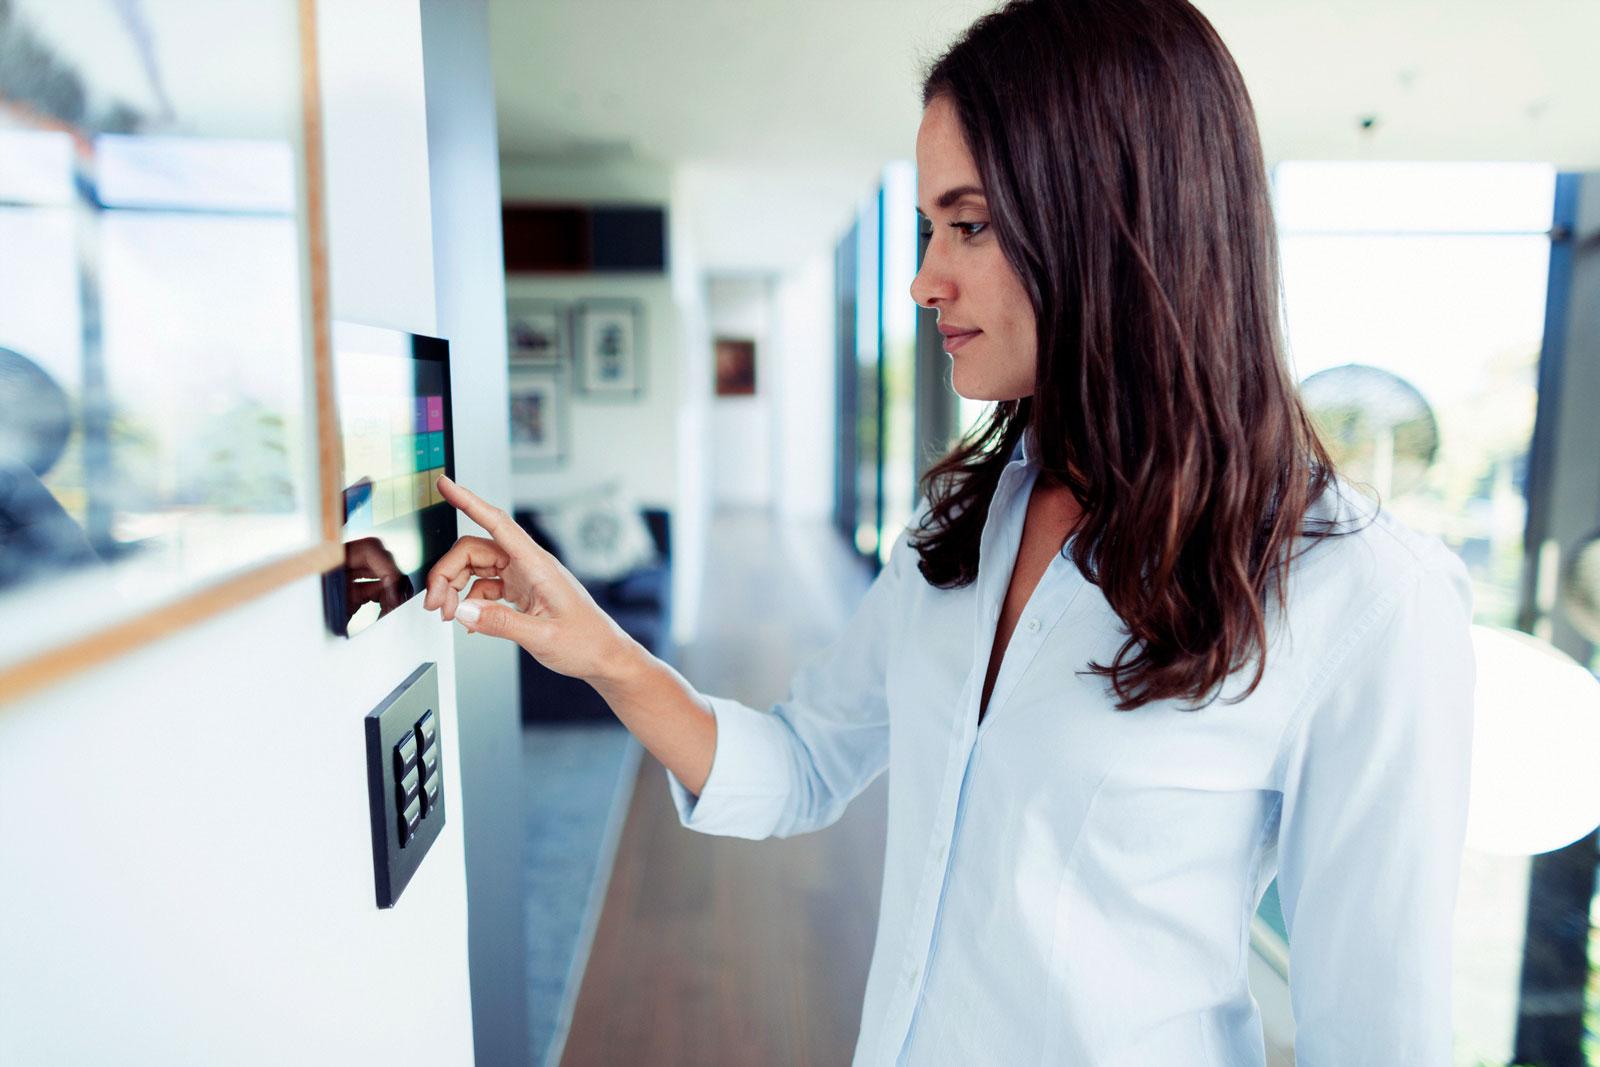 Alles im Überblick: Am smartesten arbeiten die Geräte, wenn sie miteinander verbunden sind.